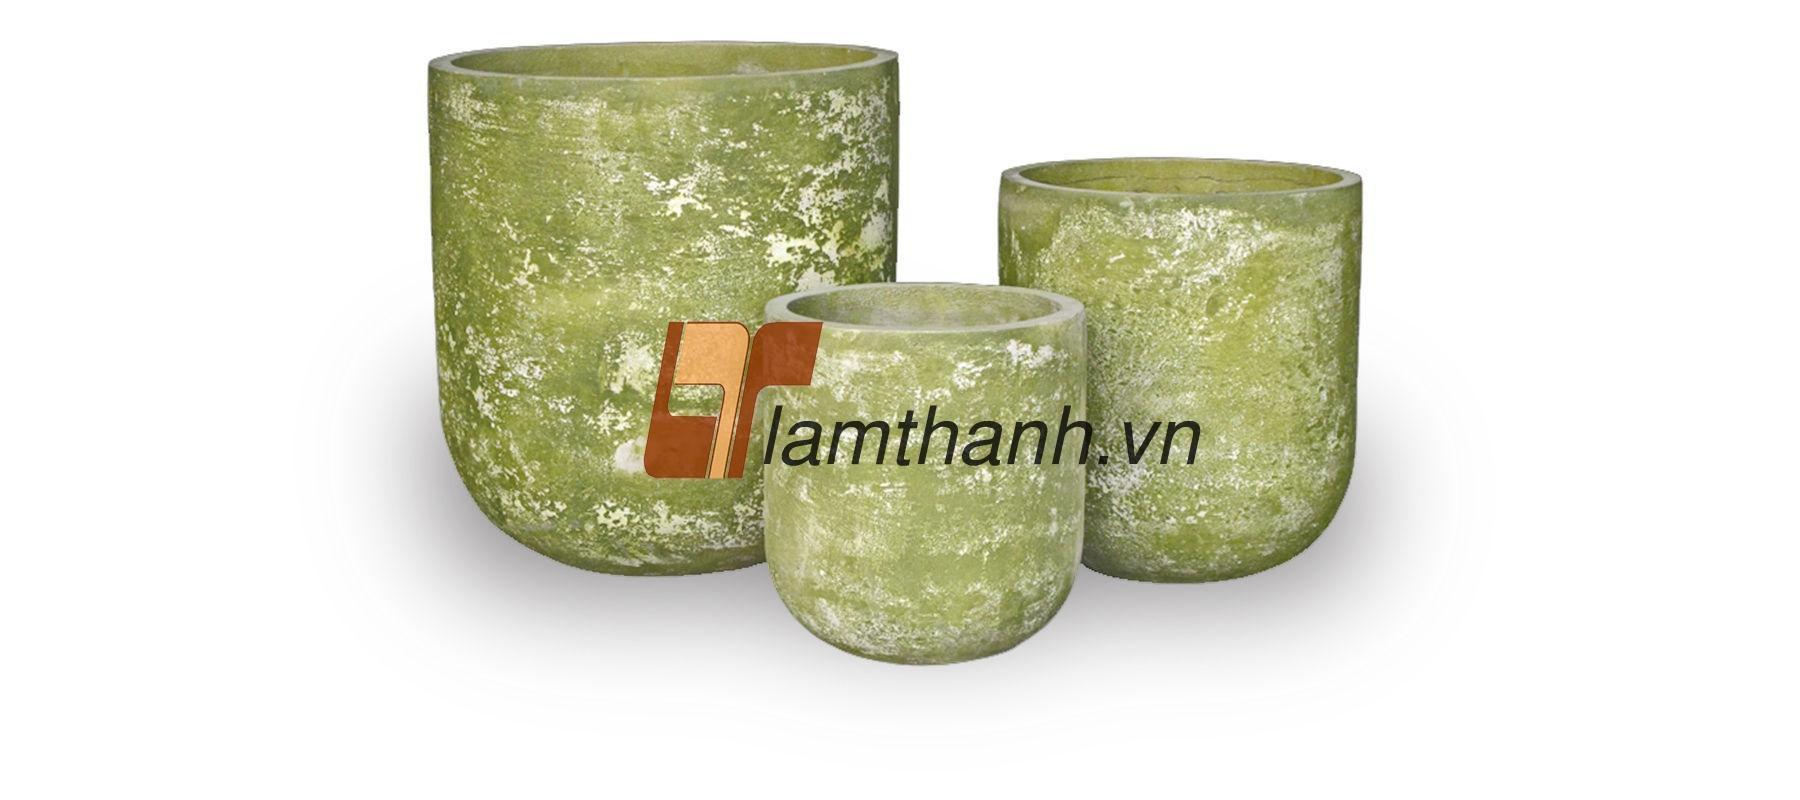 vietnam concrete, fibercement 07